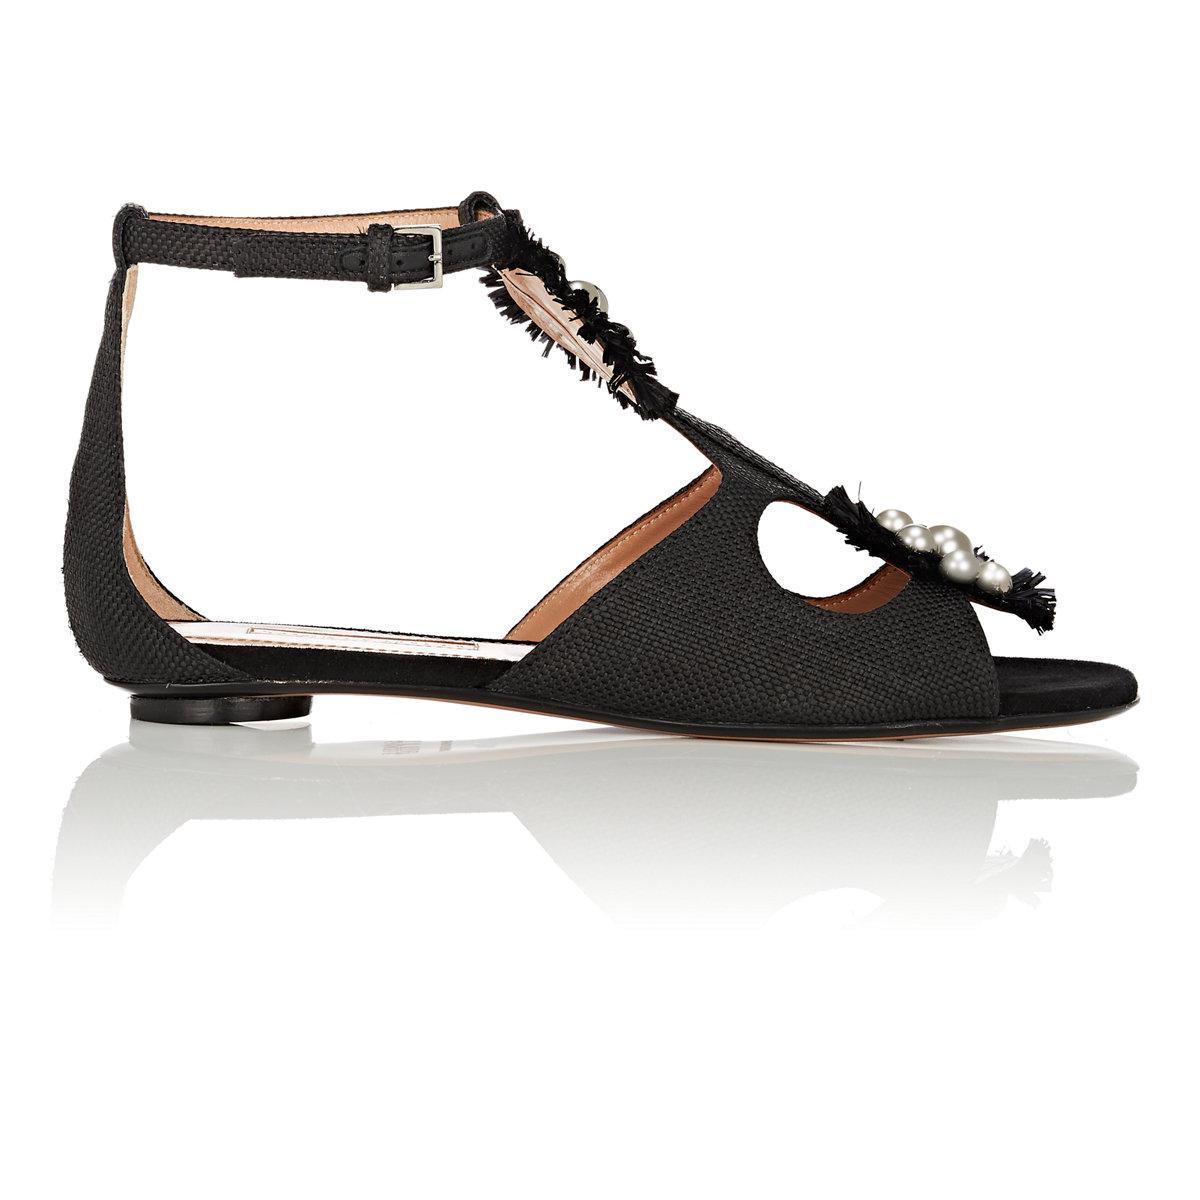 Liya stud-embellished raffia sandals Samuele Failli Outlet With Paypal Order Online 6mjSenF4